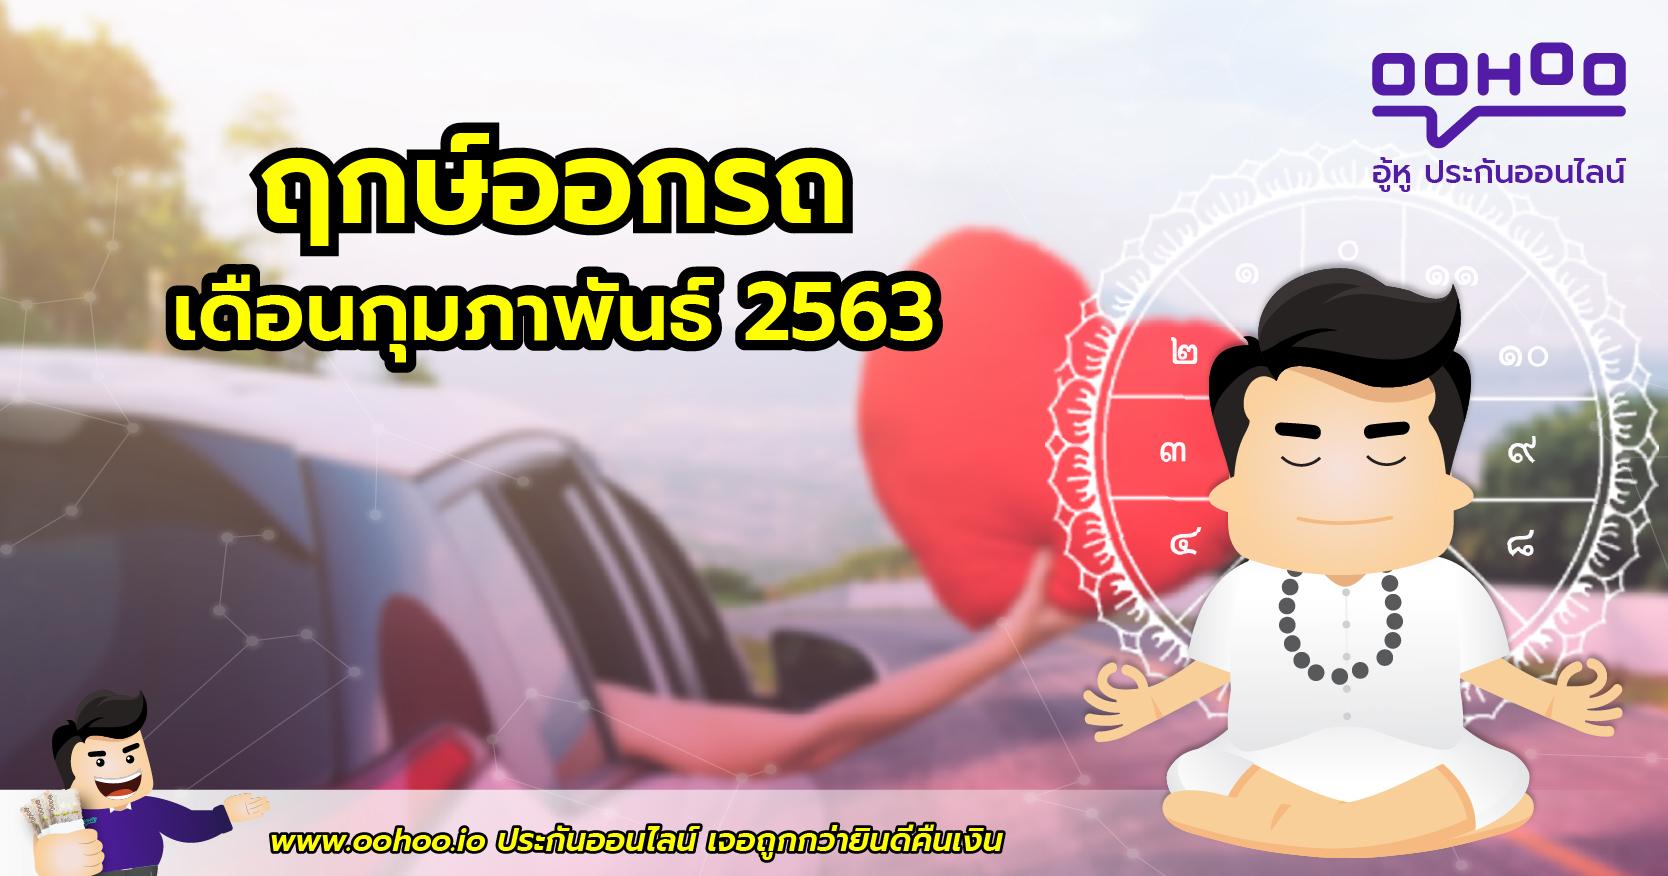 ฤกษ์ออกรถเดือนกุมภาพันธ์ 2563